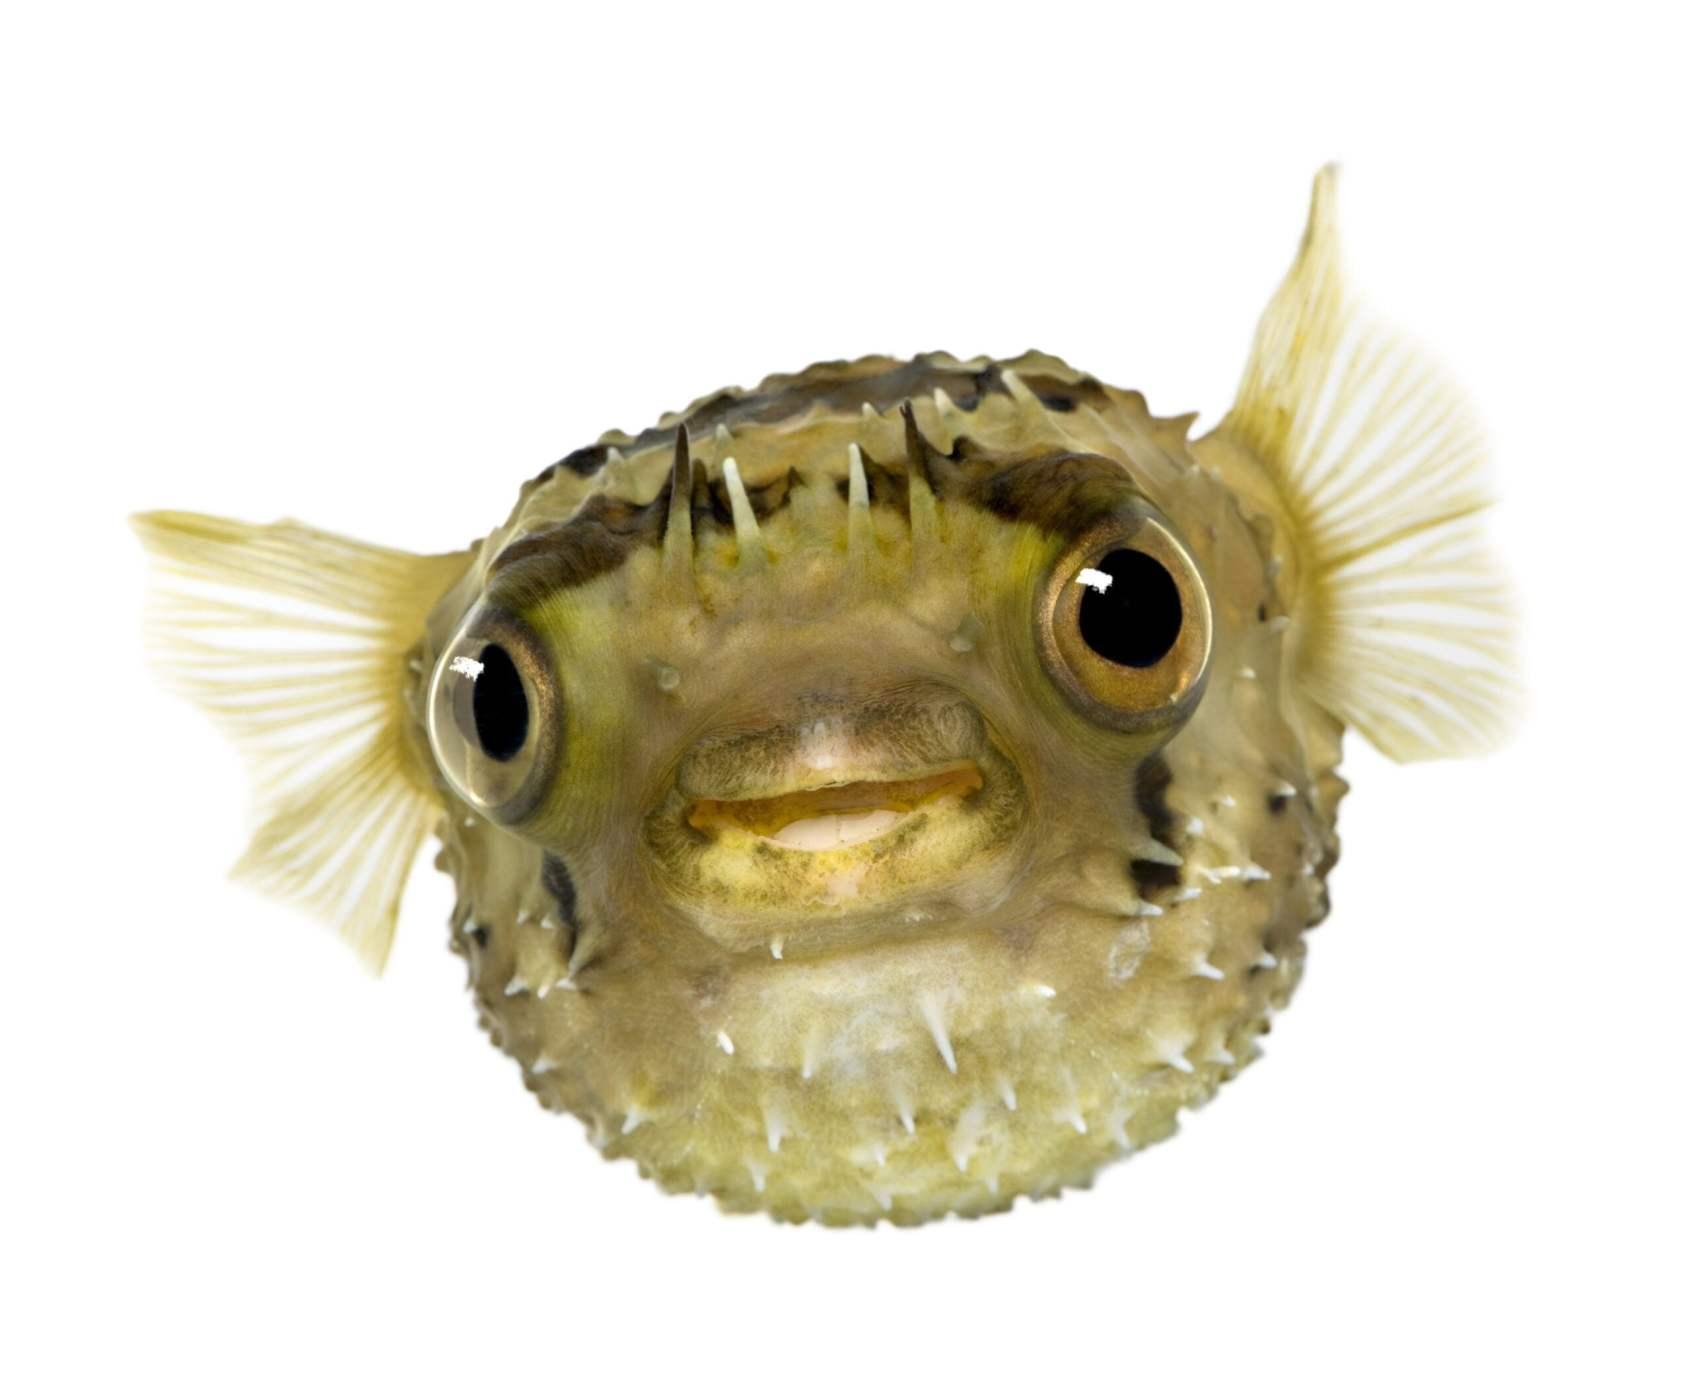 Balloonfish at the New England Aquarium